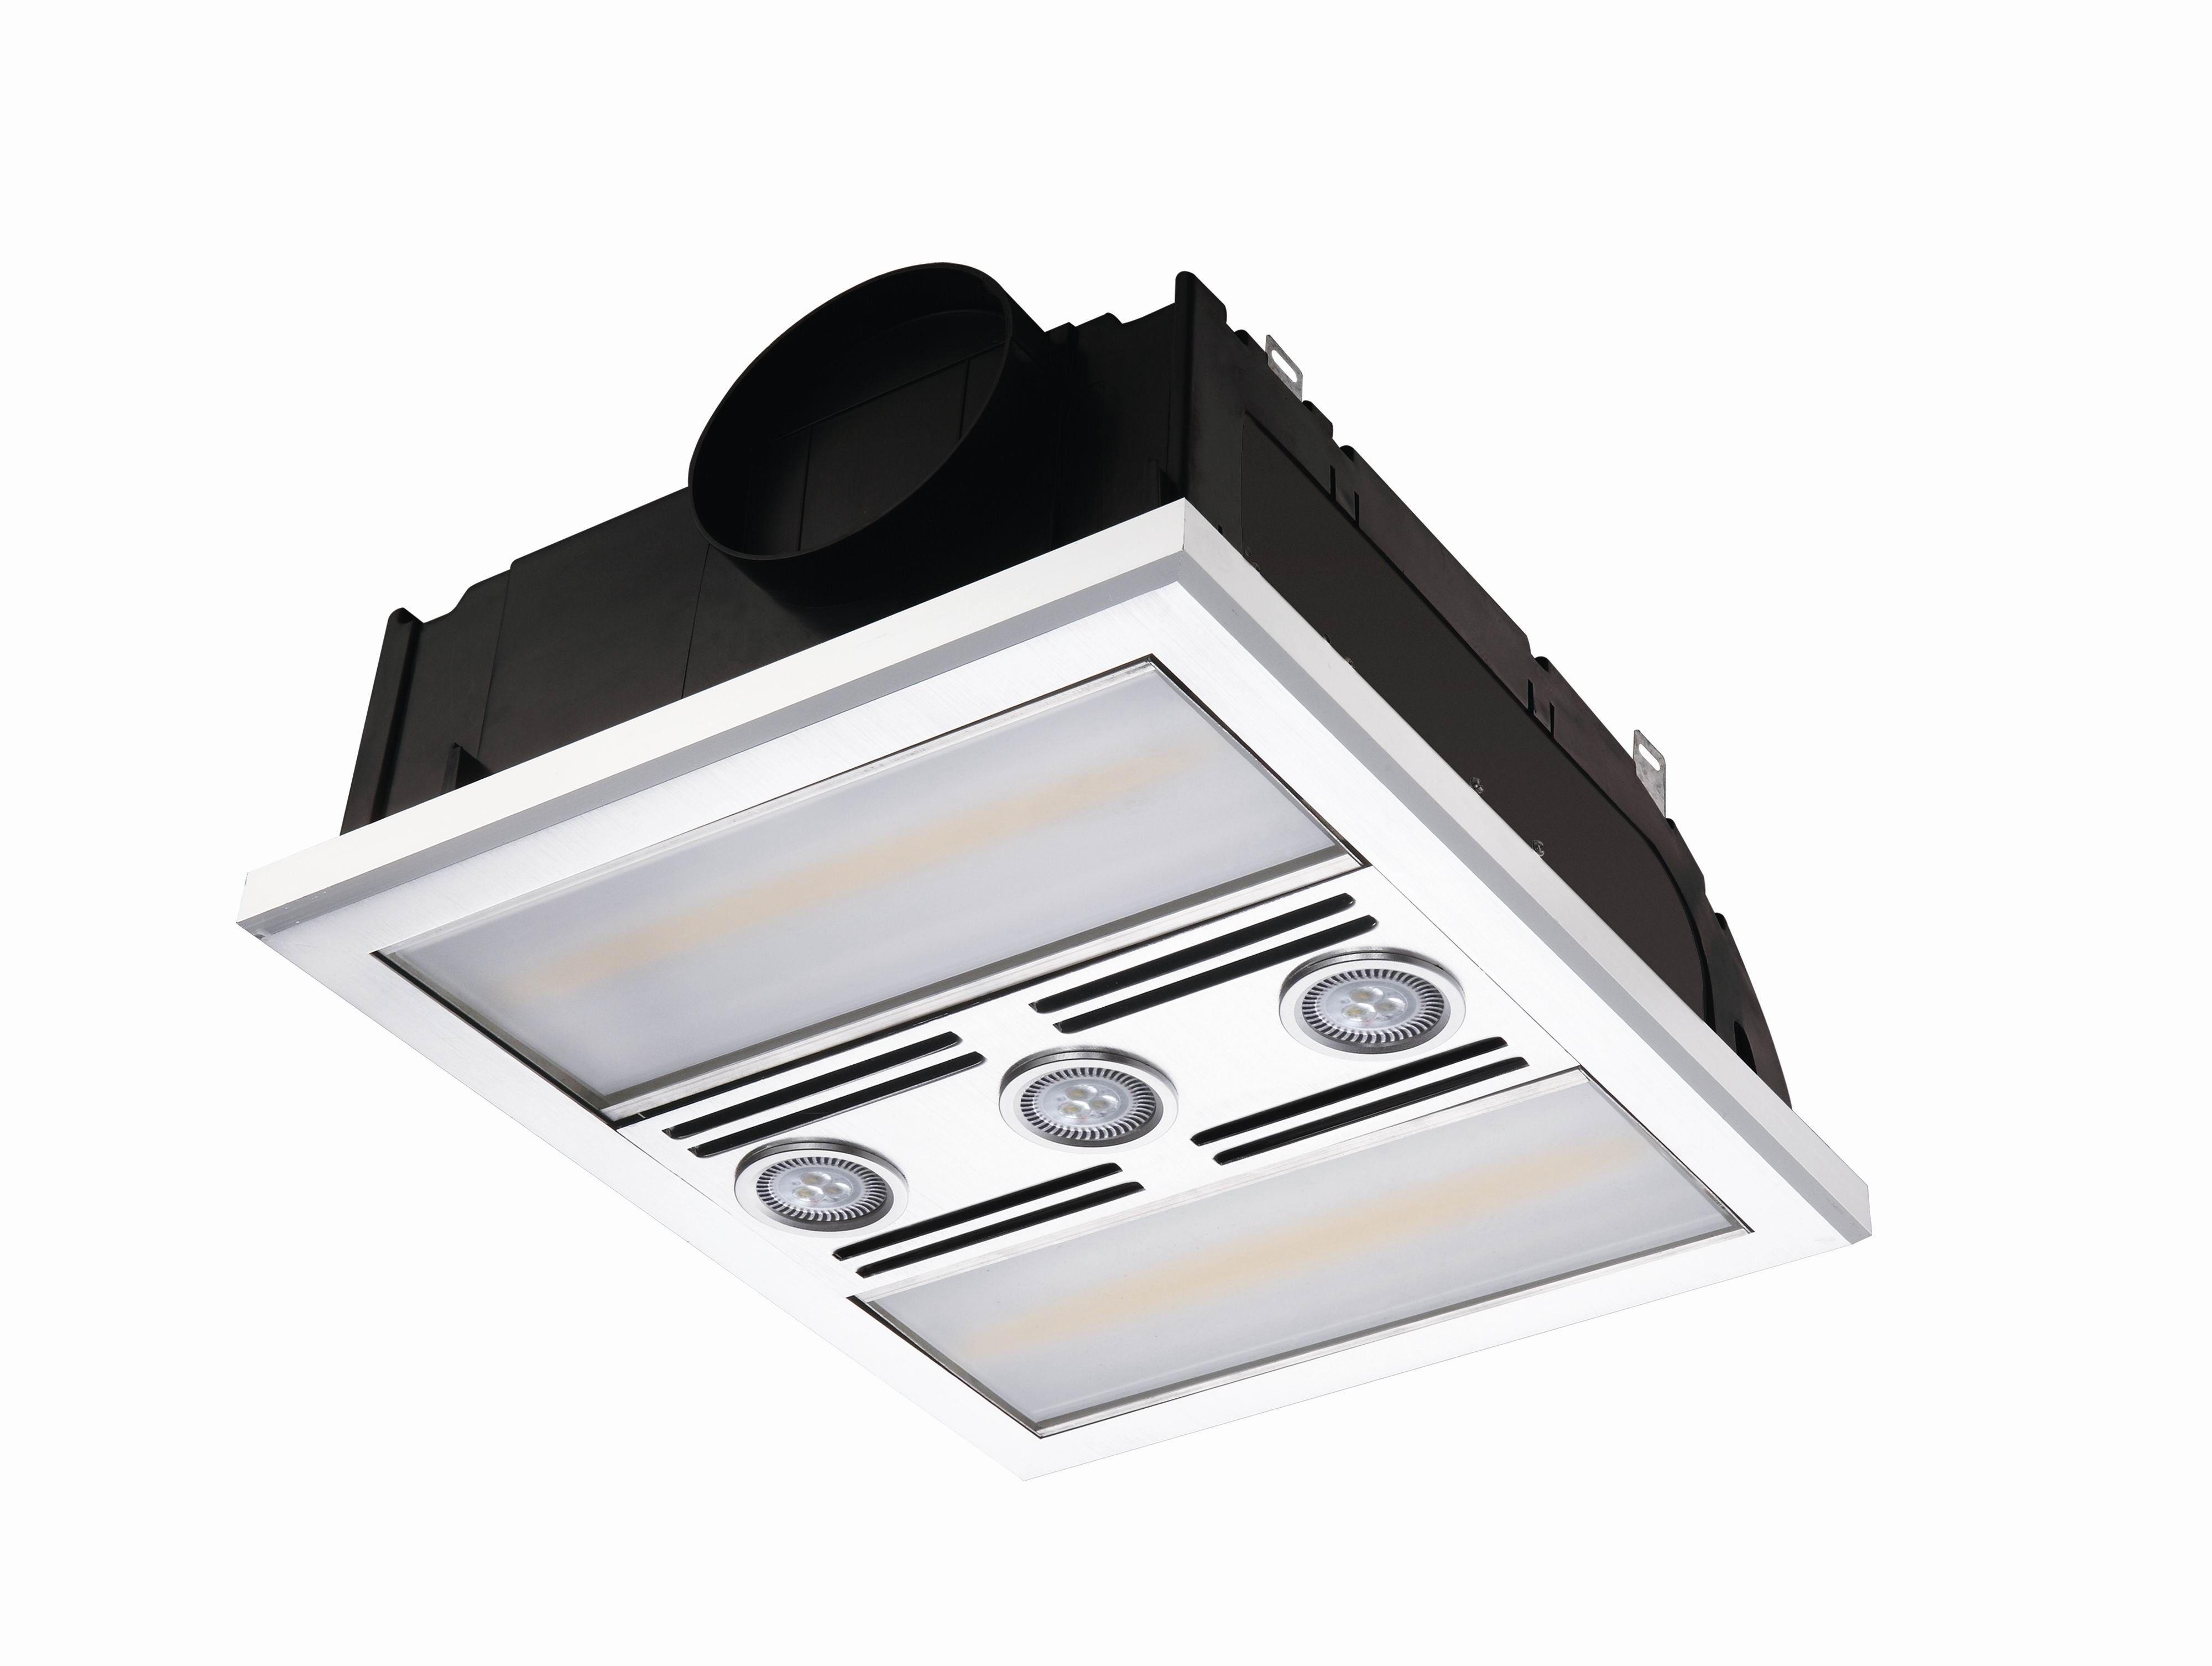 The best bathroom extractor fan - Best Bathroom Heat Lamp Fan